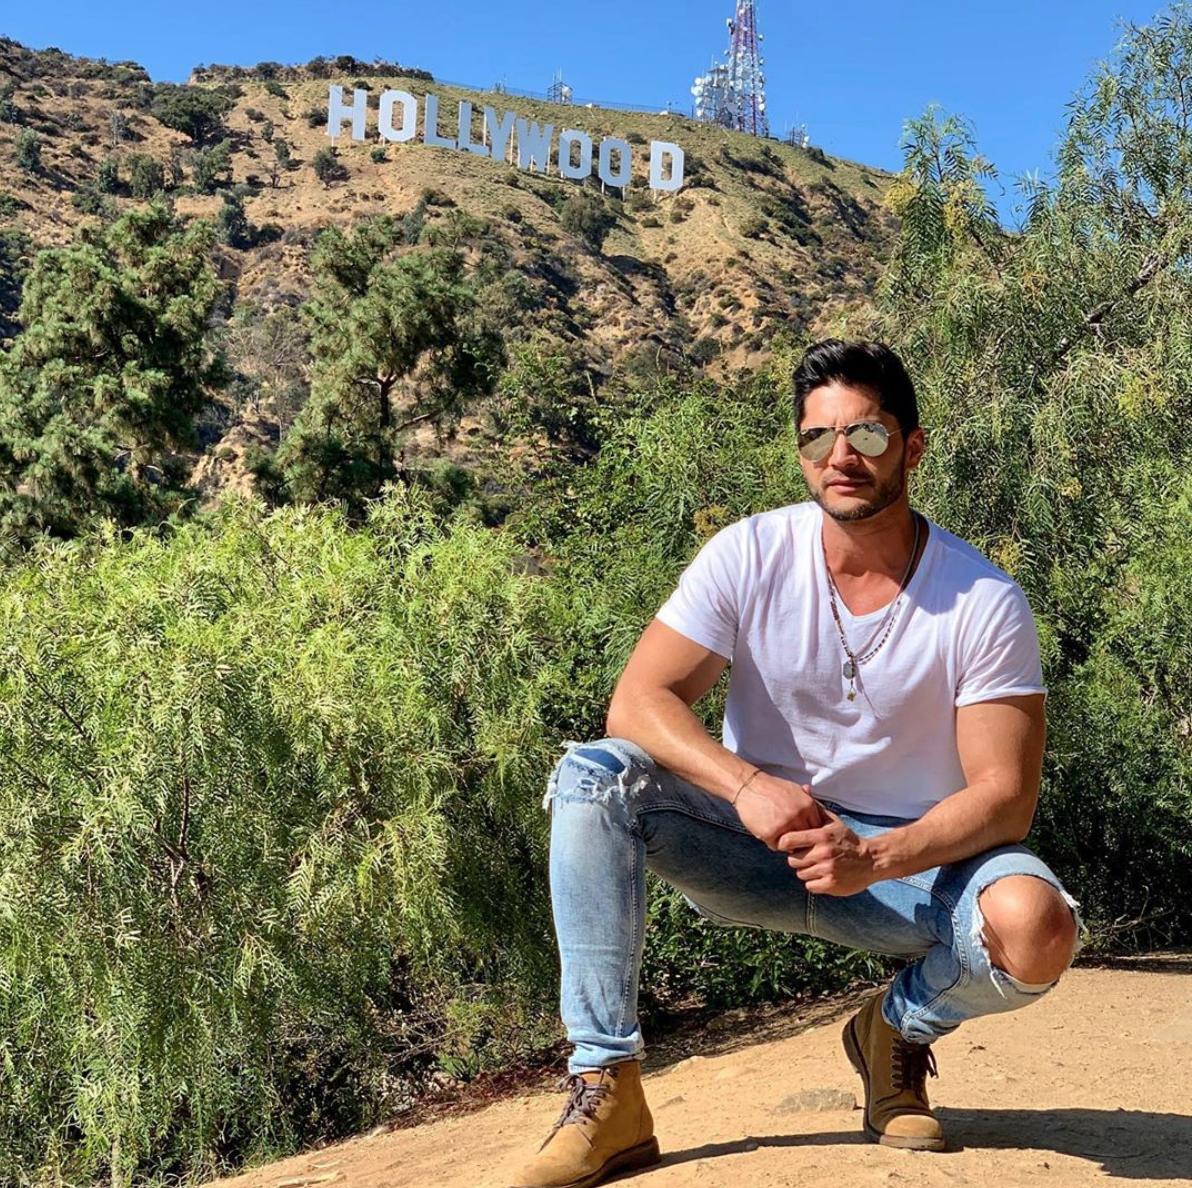 daniel elbittar quiere llegar a hollywood